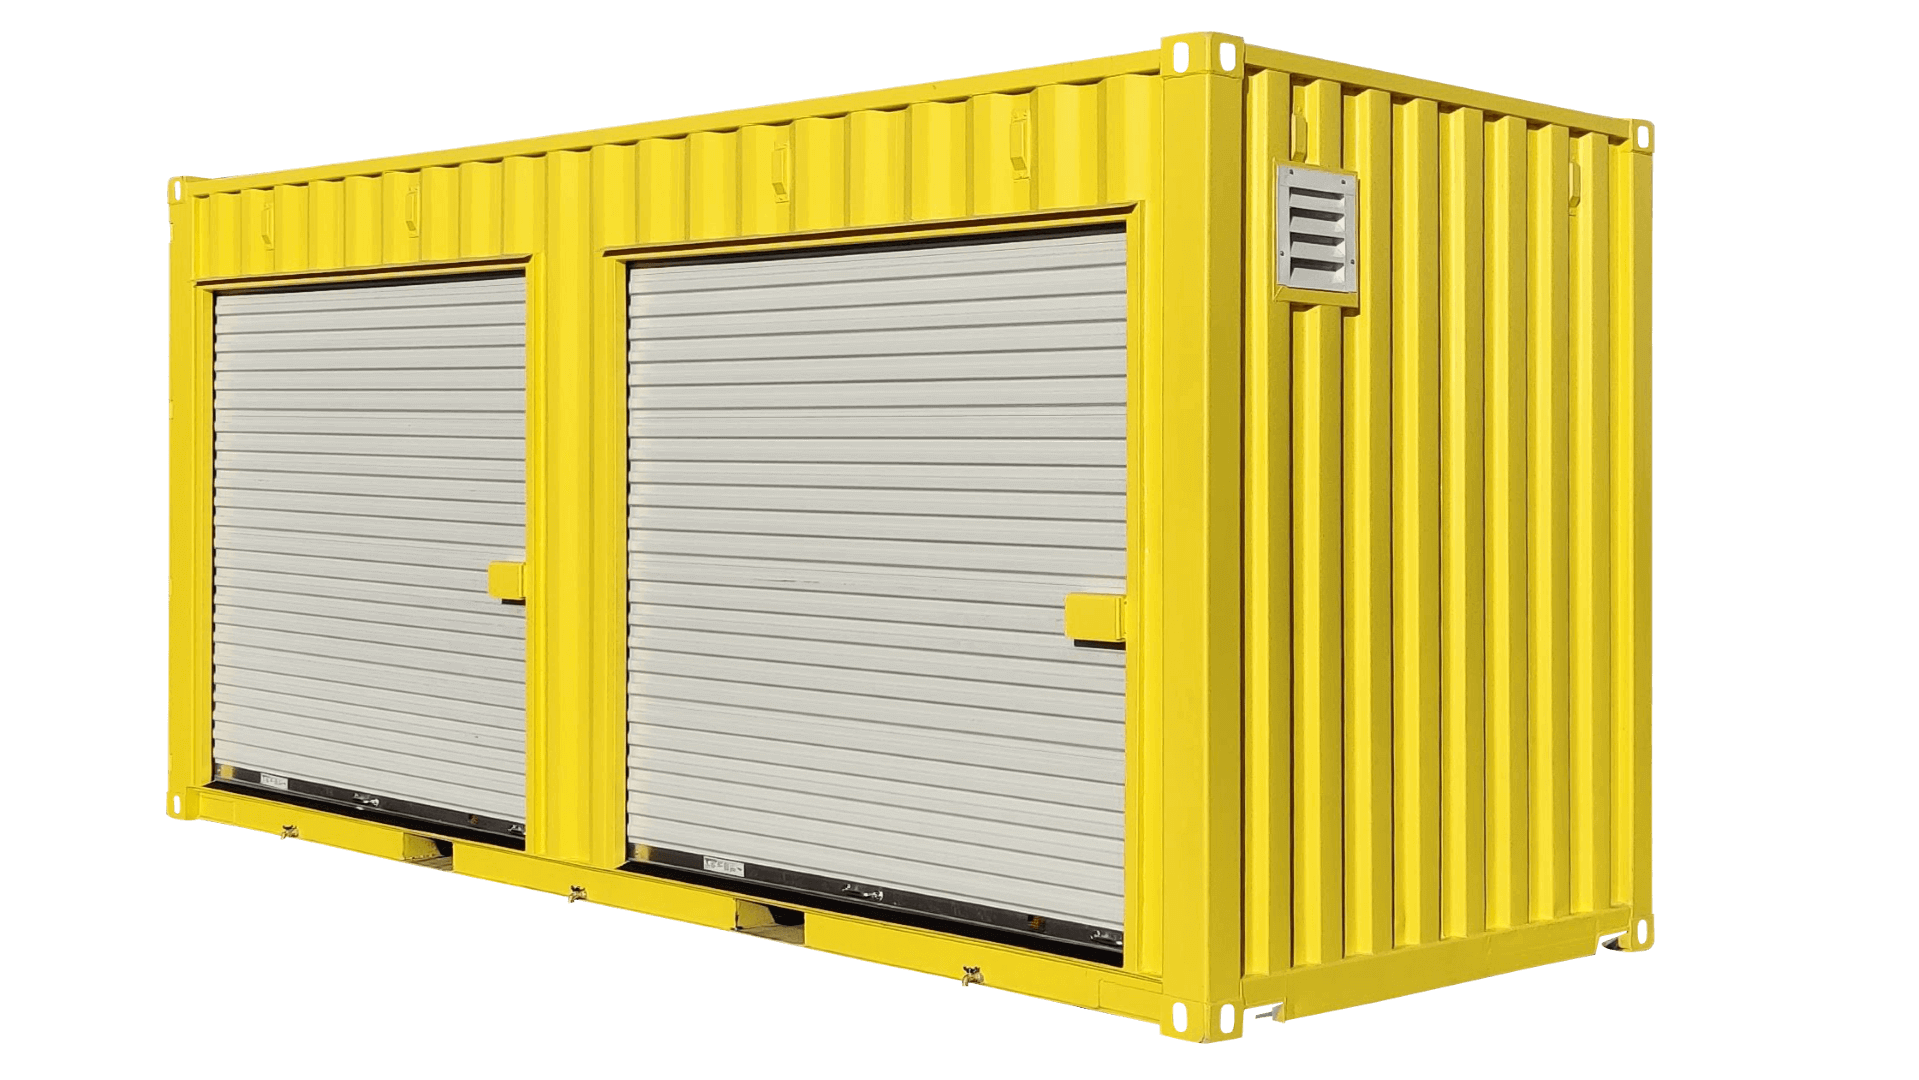 20ft hazmat container